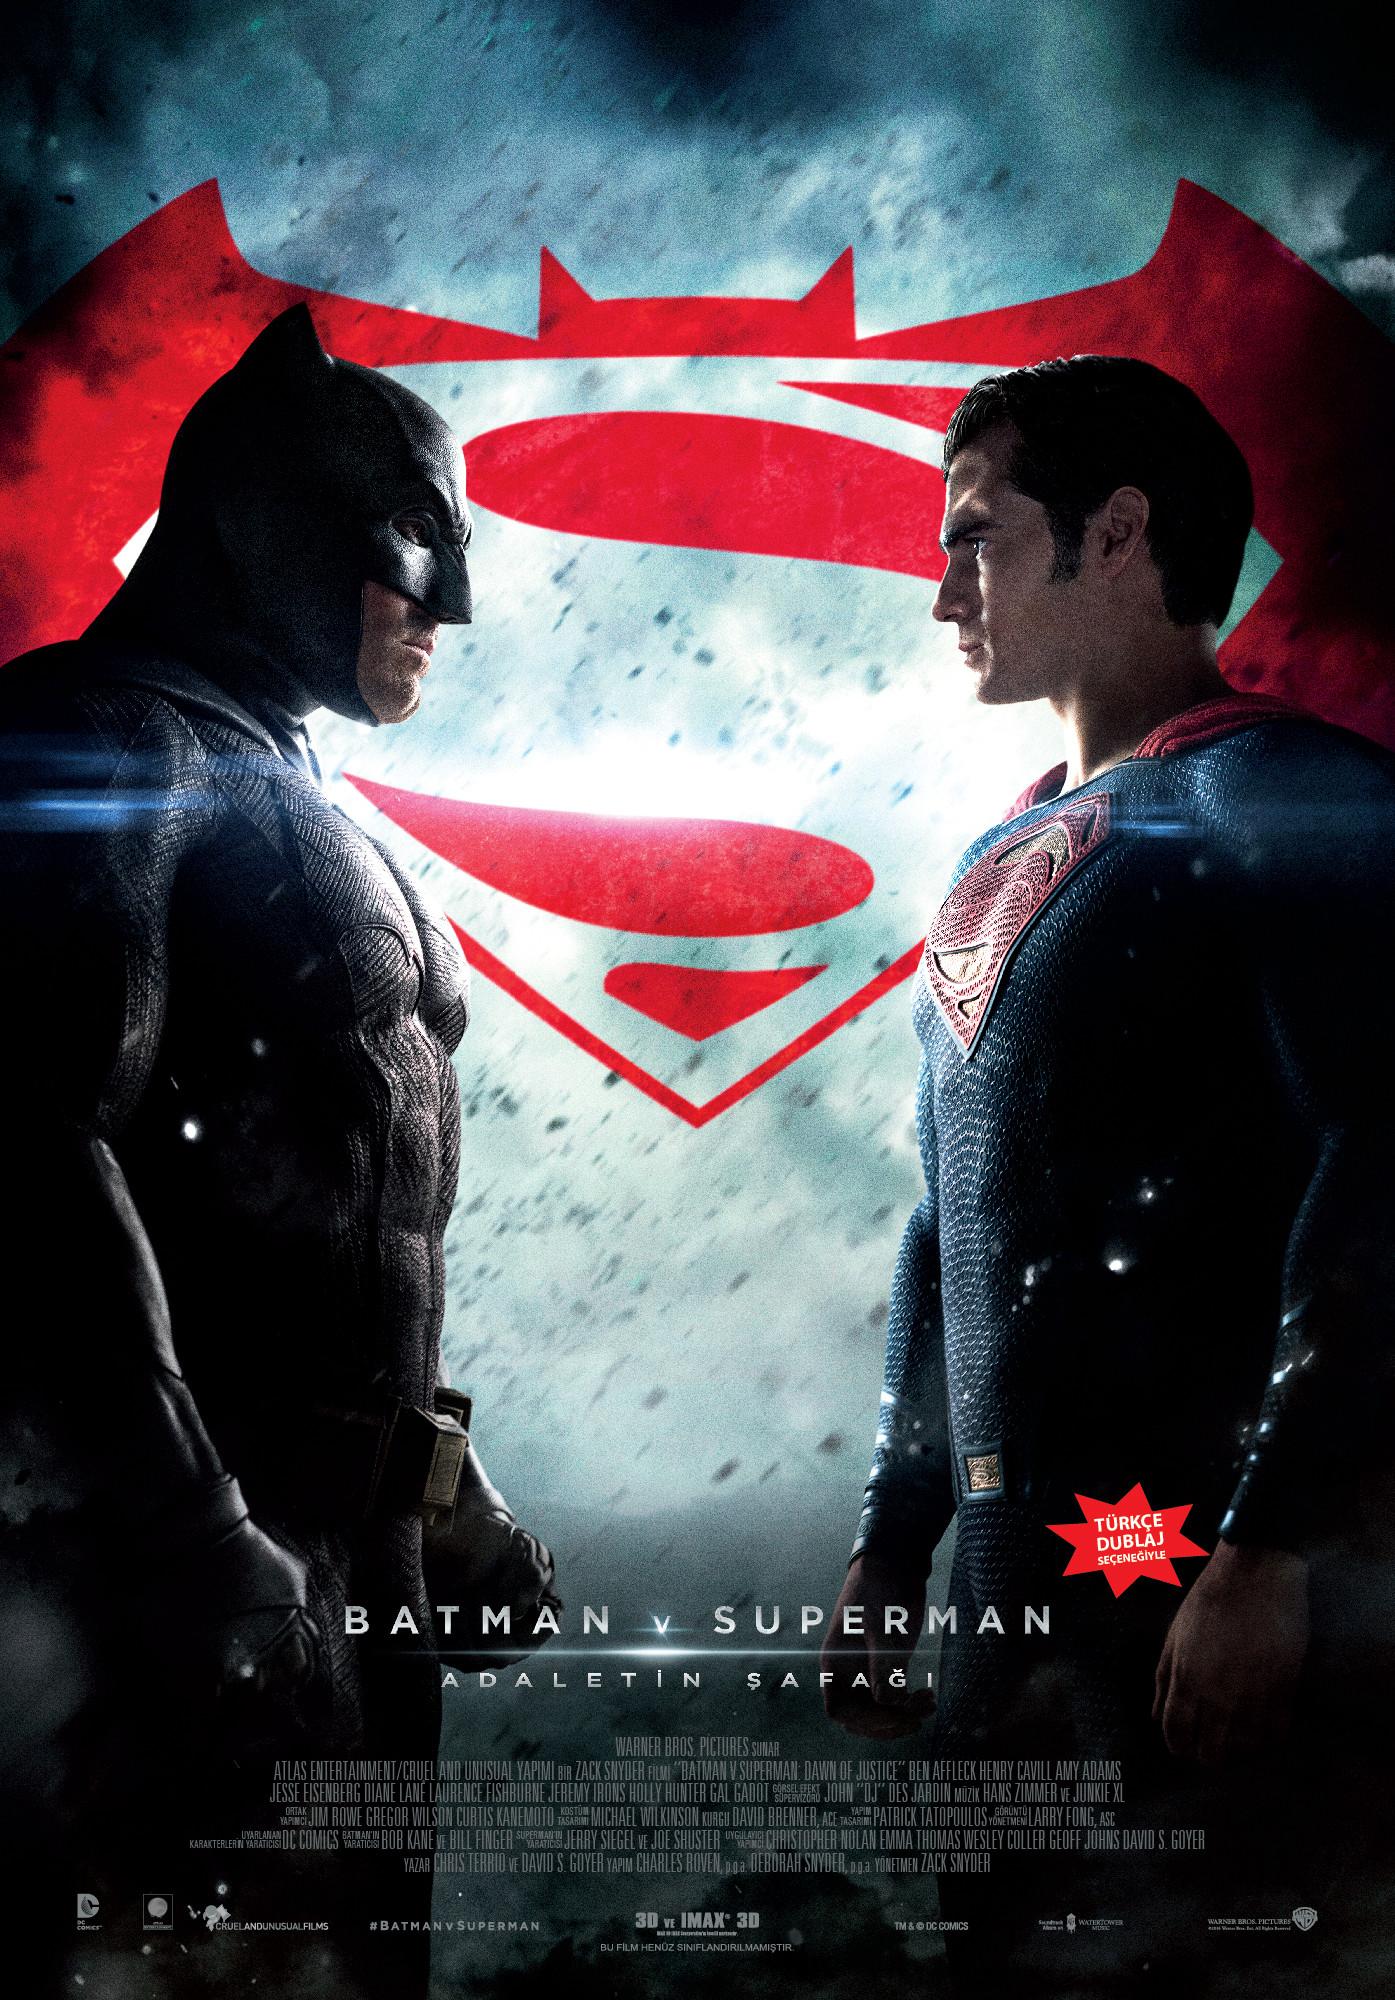 batman v superman adaletin safagi on gosterimine gidiyoruz frpnet